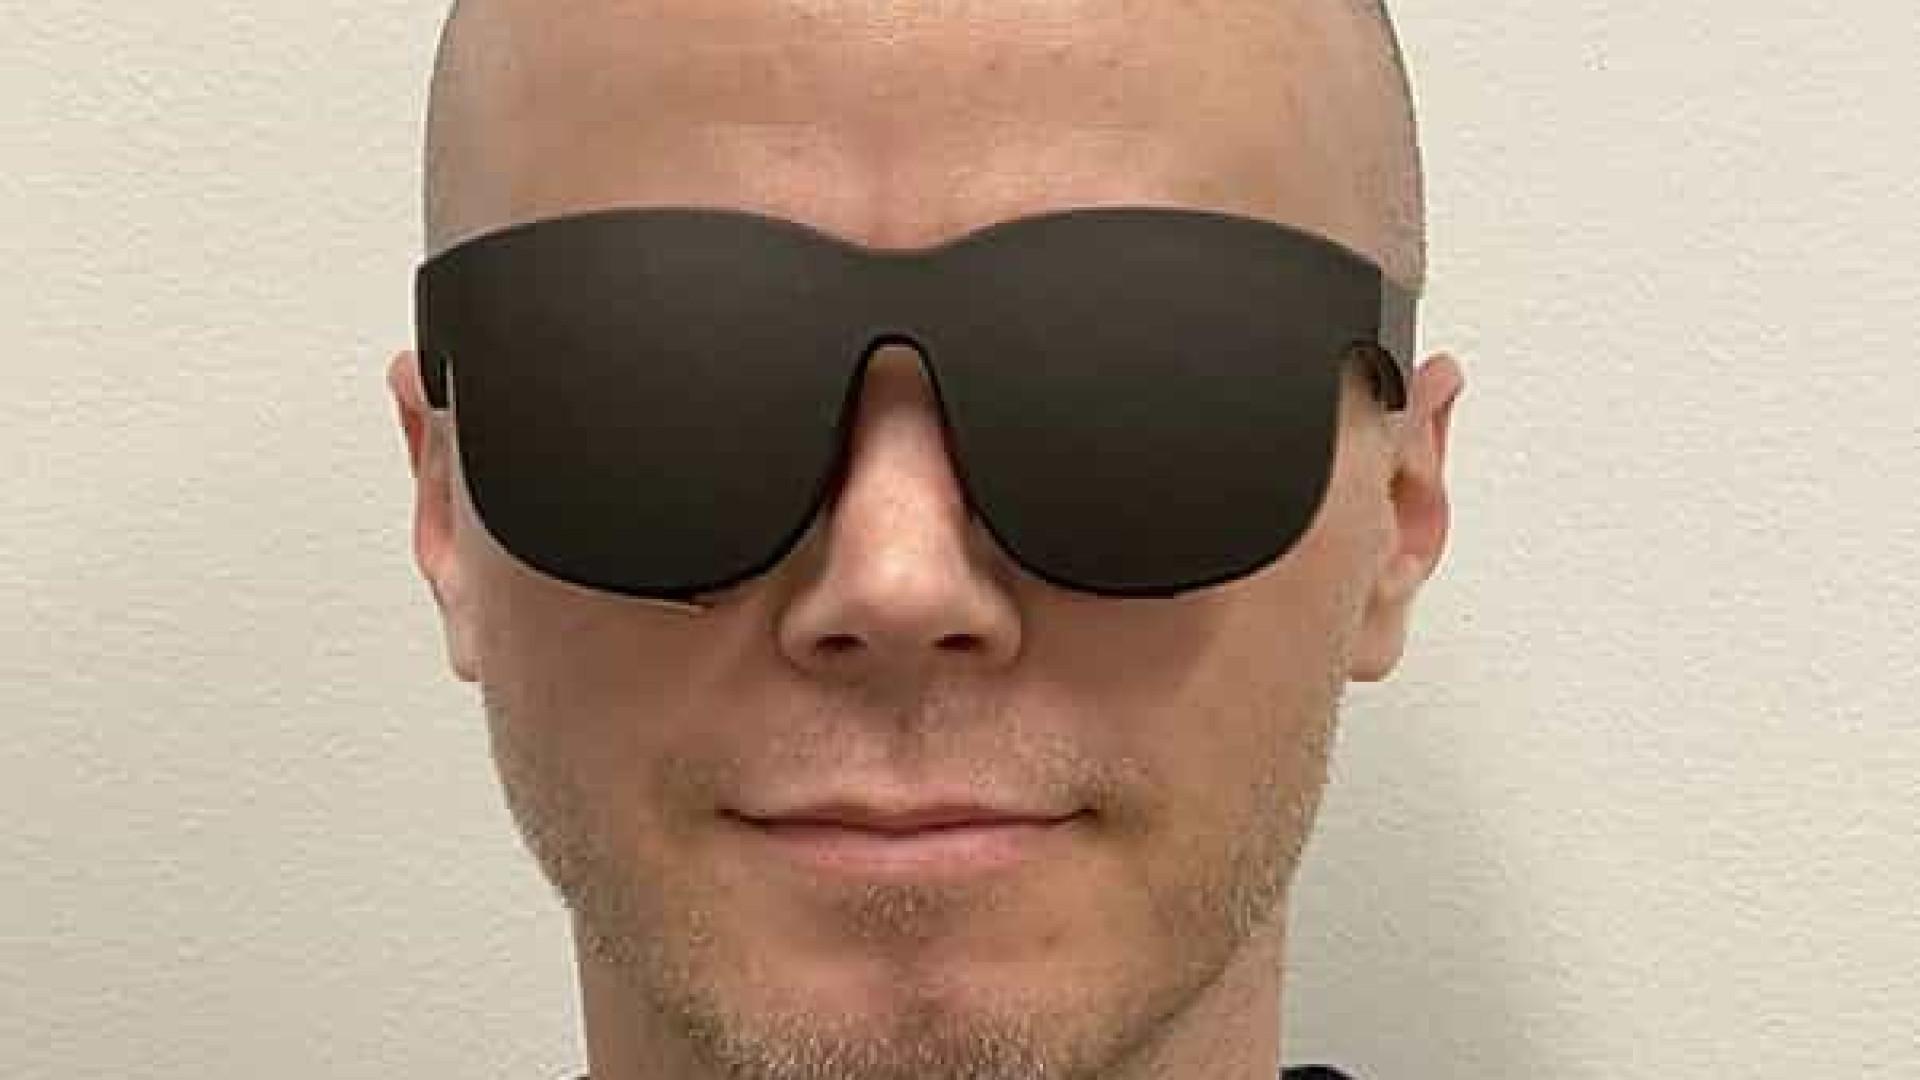 Facebook cria protótipo para melhorar óculos de Realidade Virtual